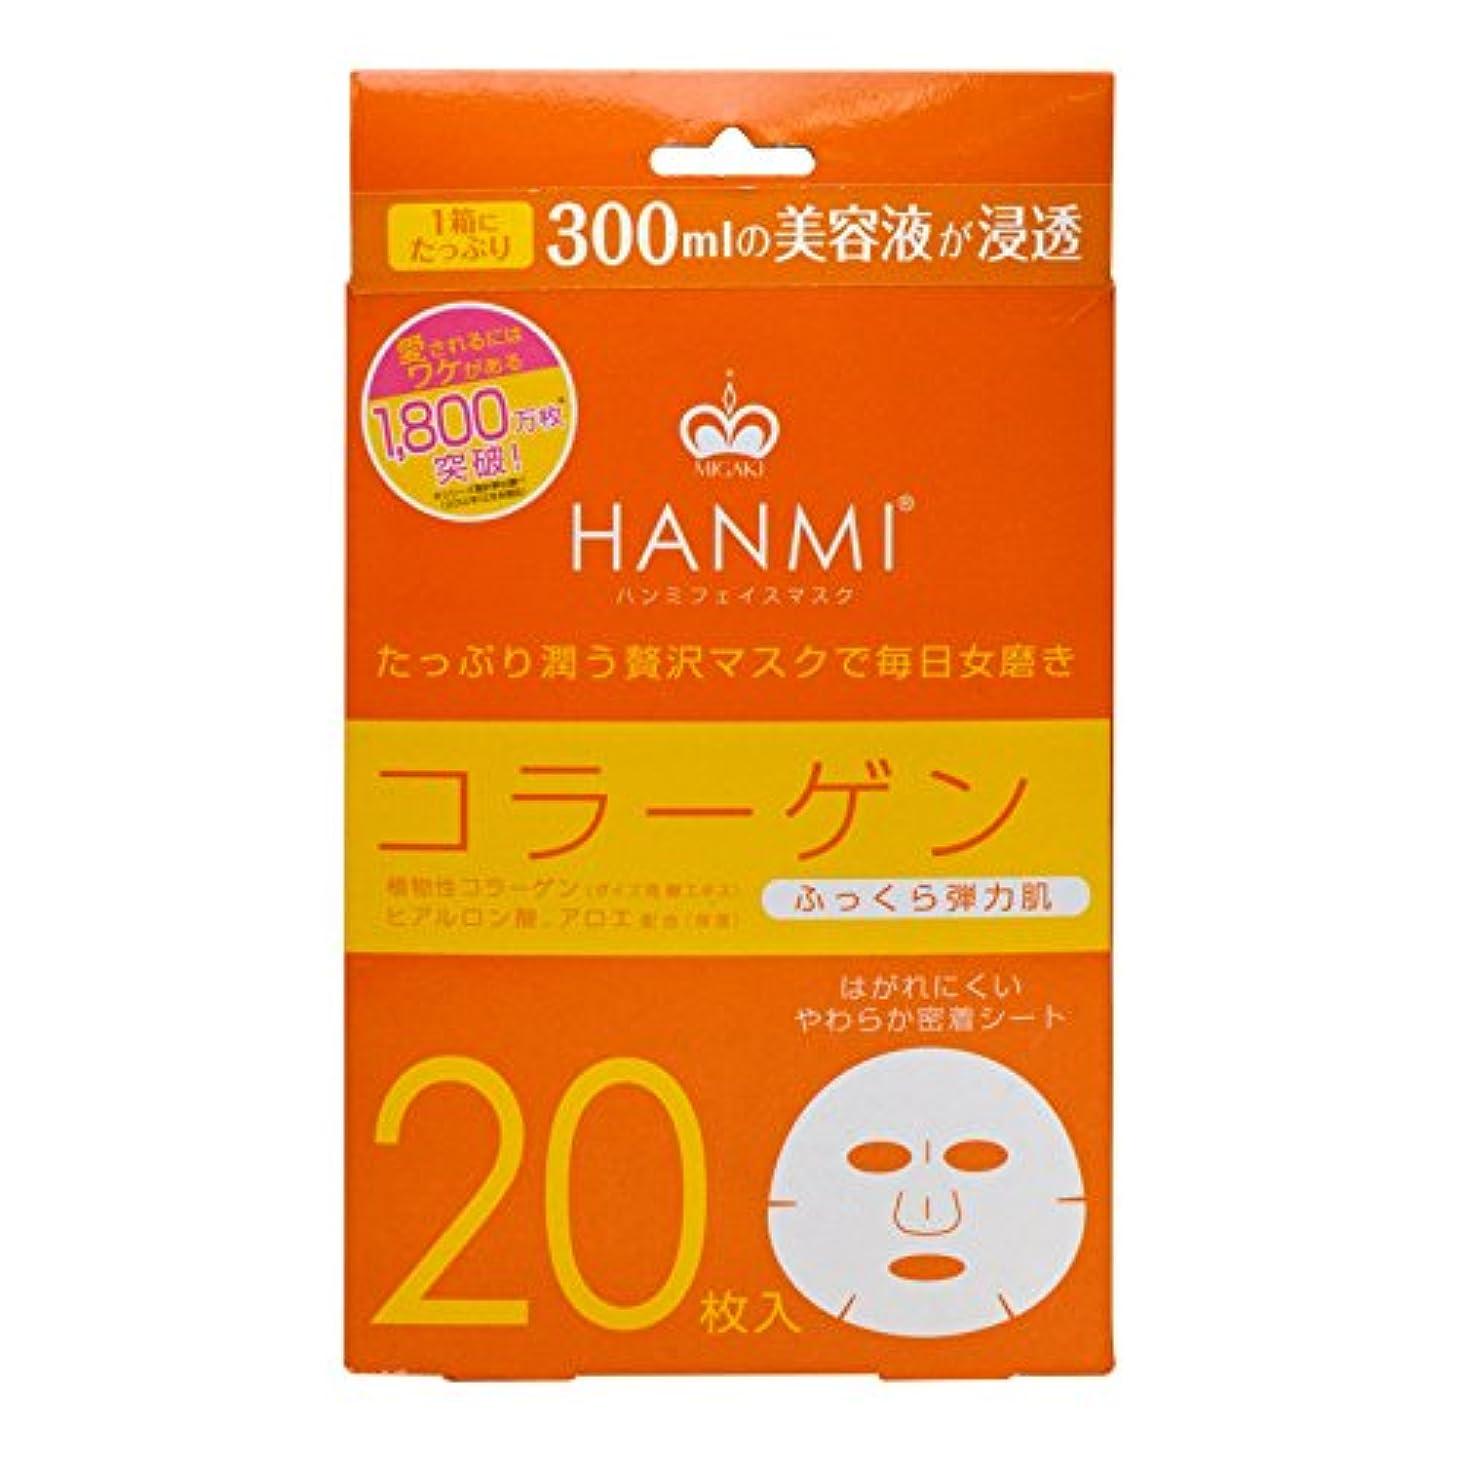 へこみ航空便動員するMIGAKI ハンミフェイスマスク コラーゲン 20枚入り